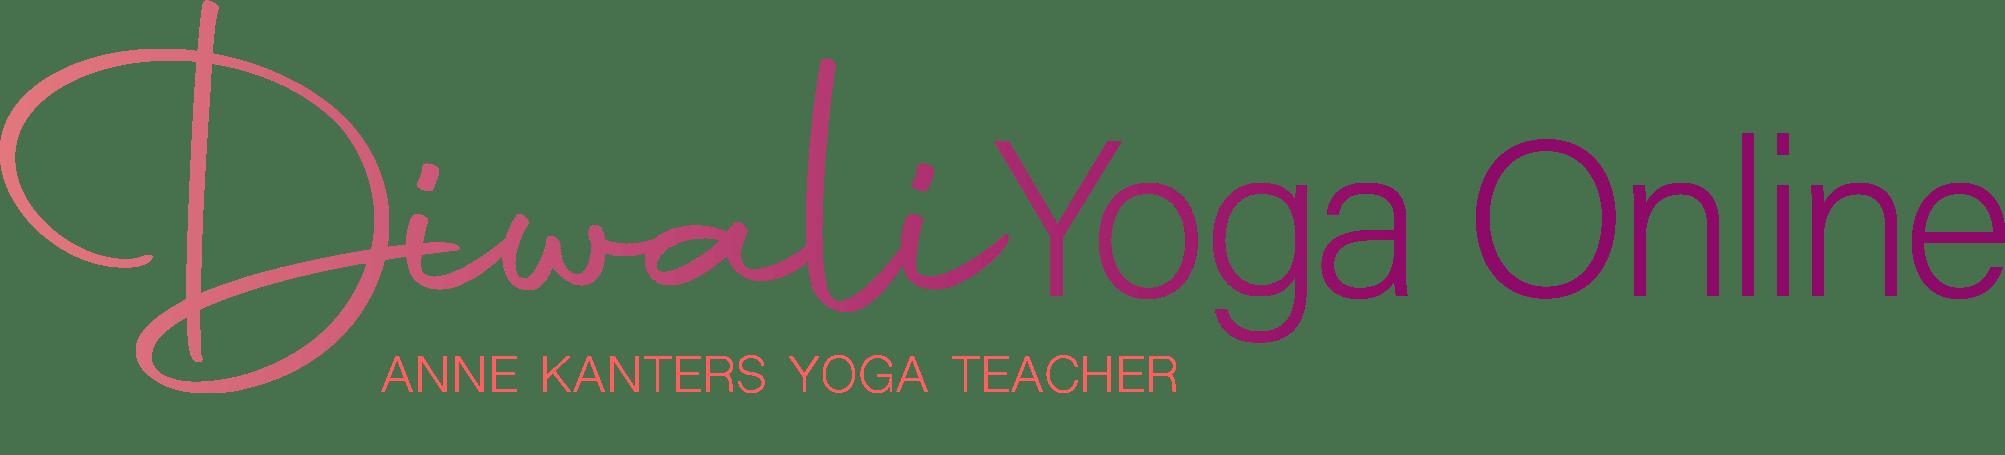 Diwali Yoga Online